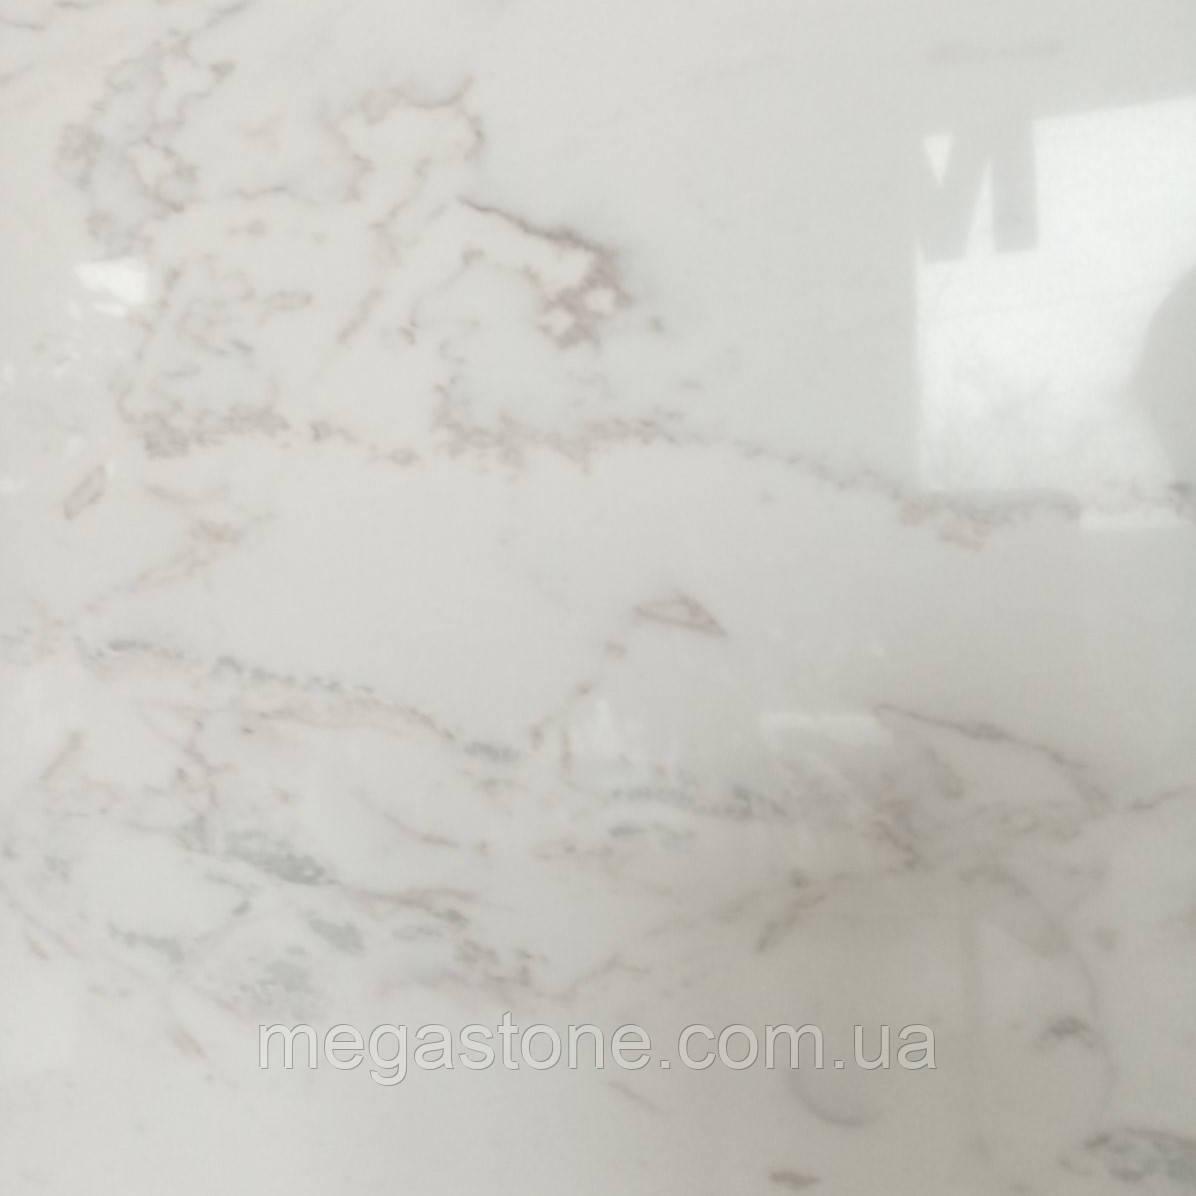 Плитка з мармуру Pirgon Alas (Греція)